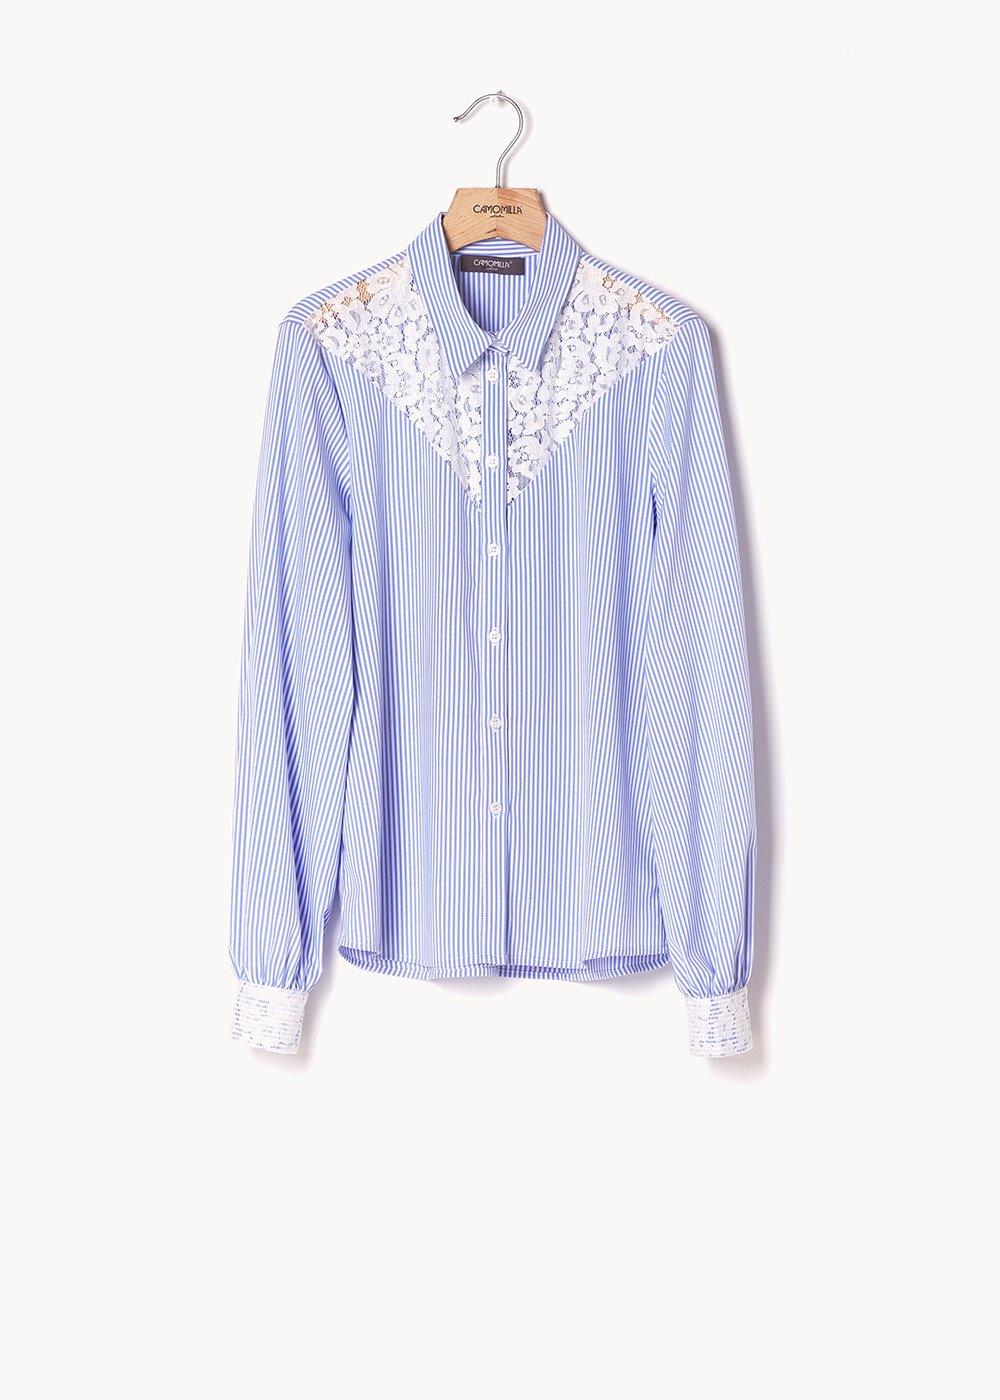 Camicia Callas a righe con inserti in pizzo - Rugiada\ White\ Stripes - Donna